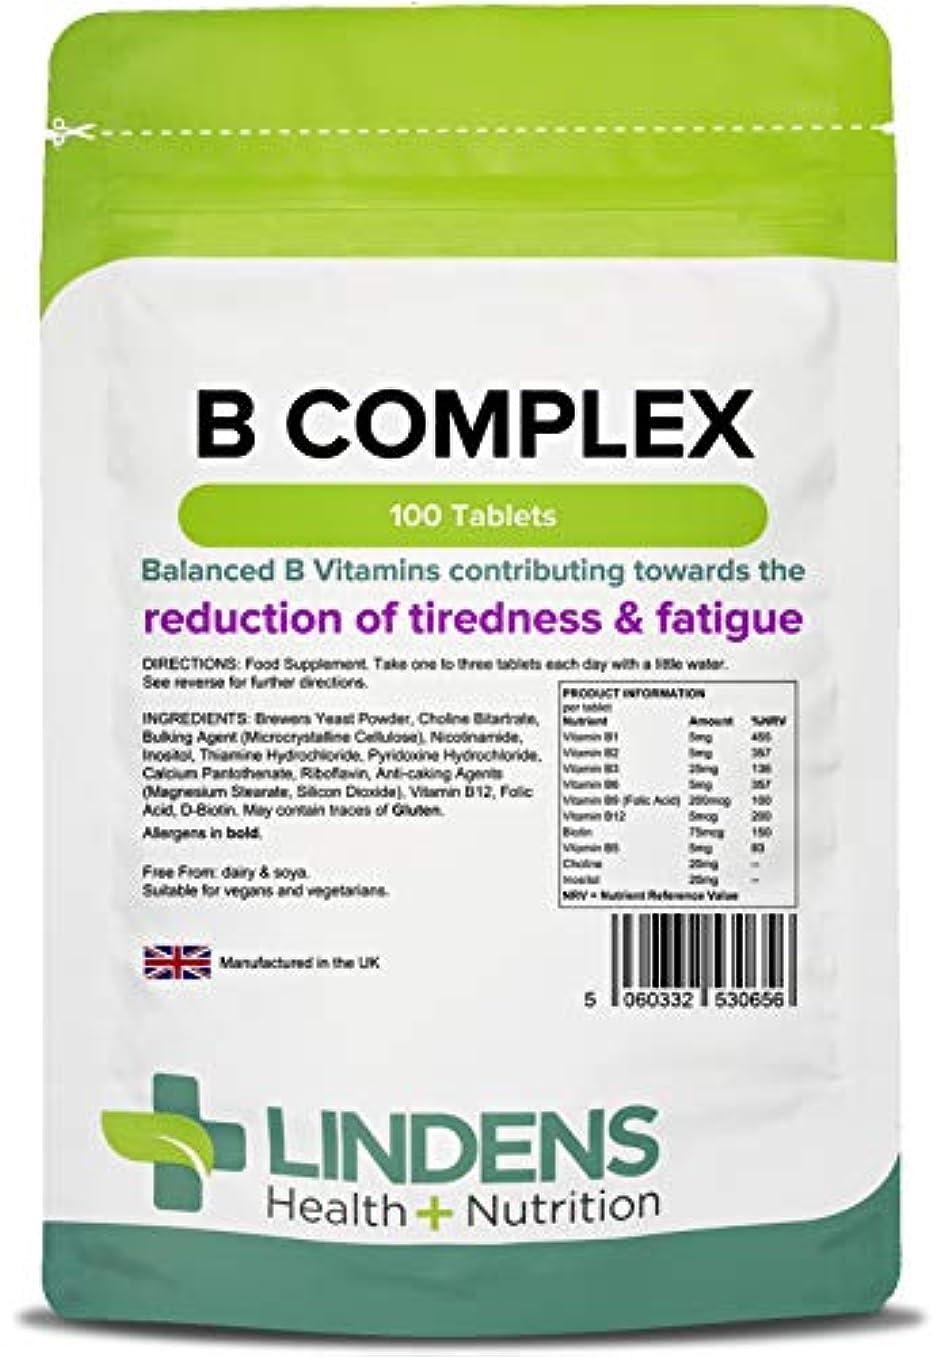 病な年金ドナービタミンB複合体(全9ビタミンB)100錠